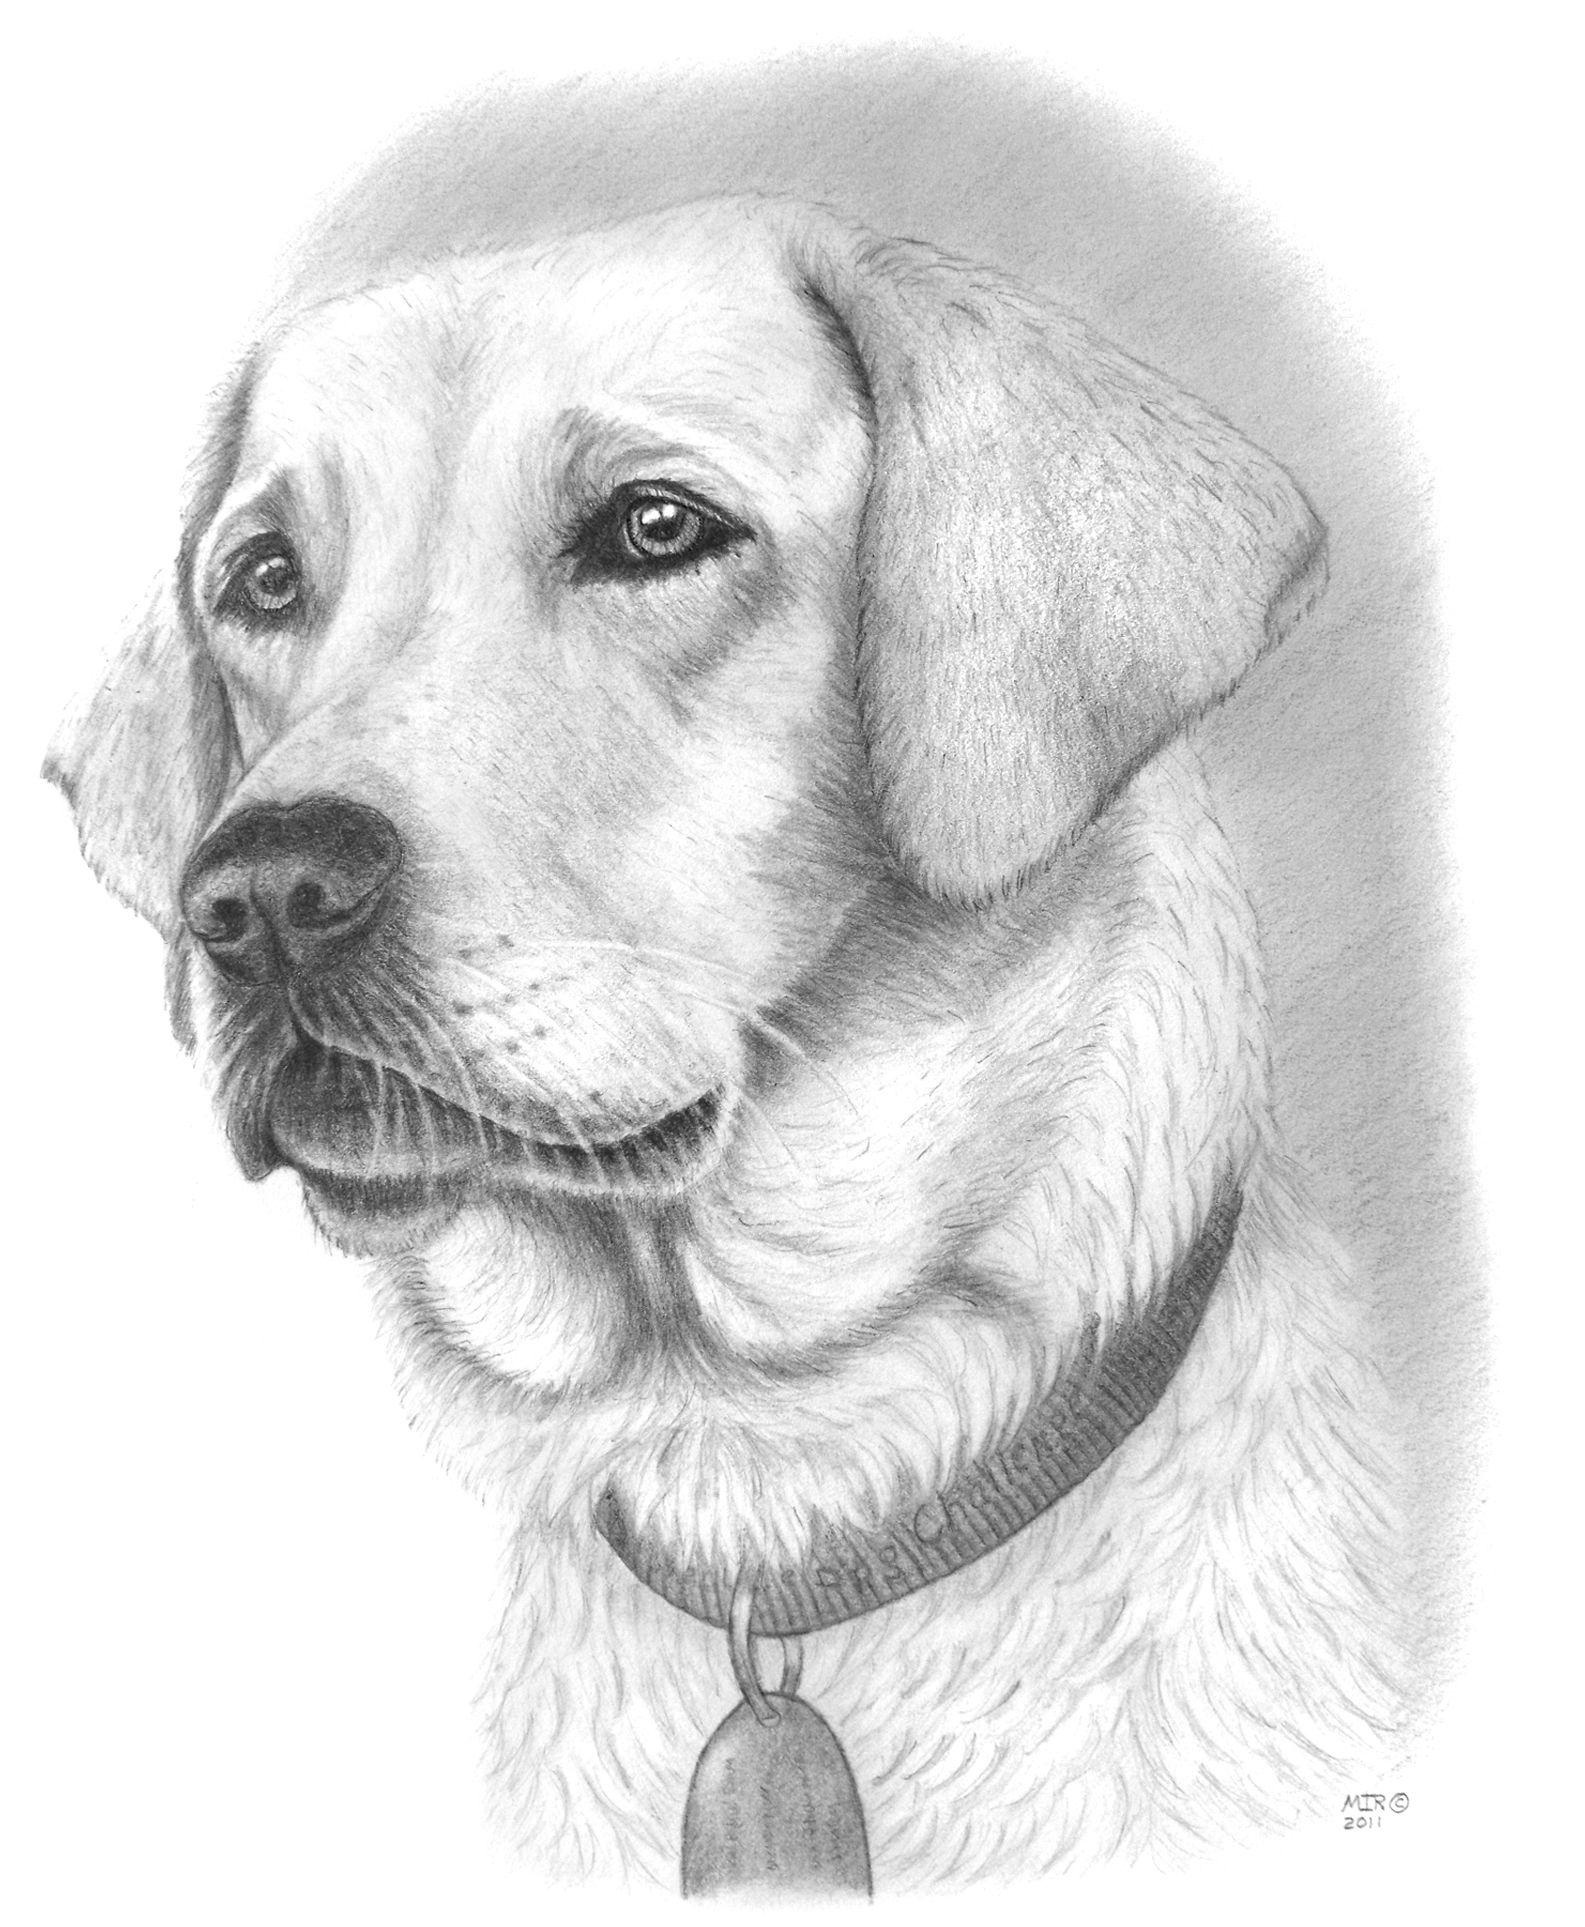 Pretty dog drawing